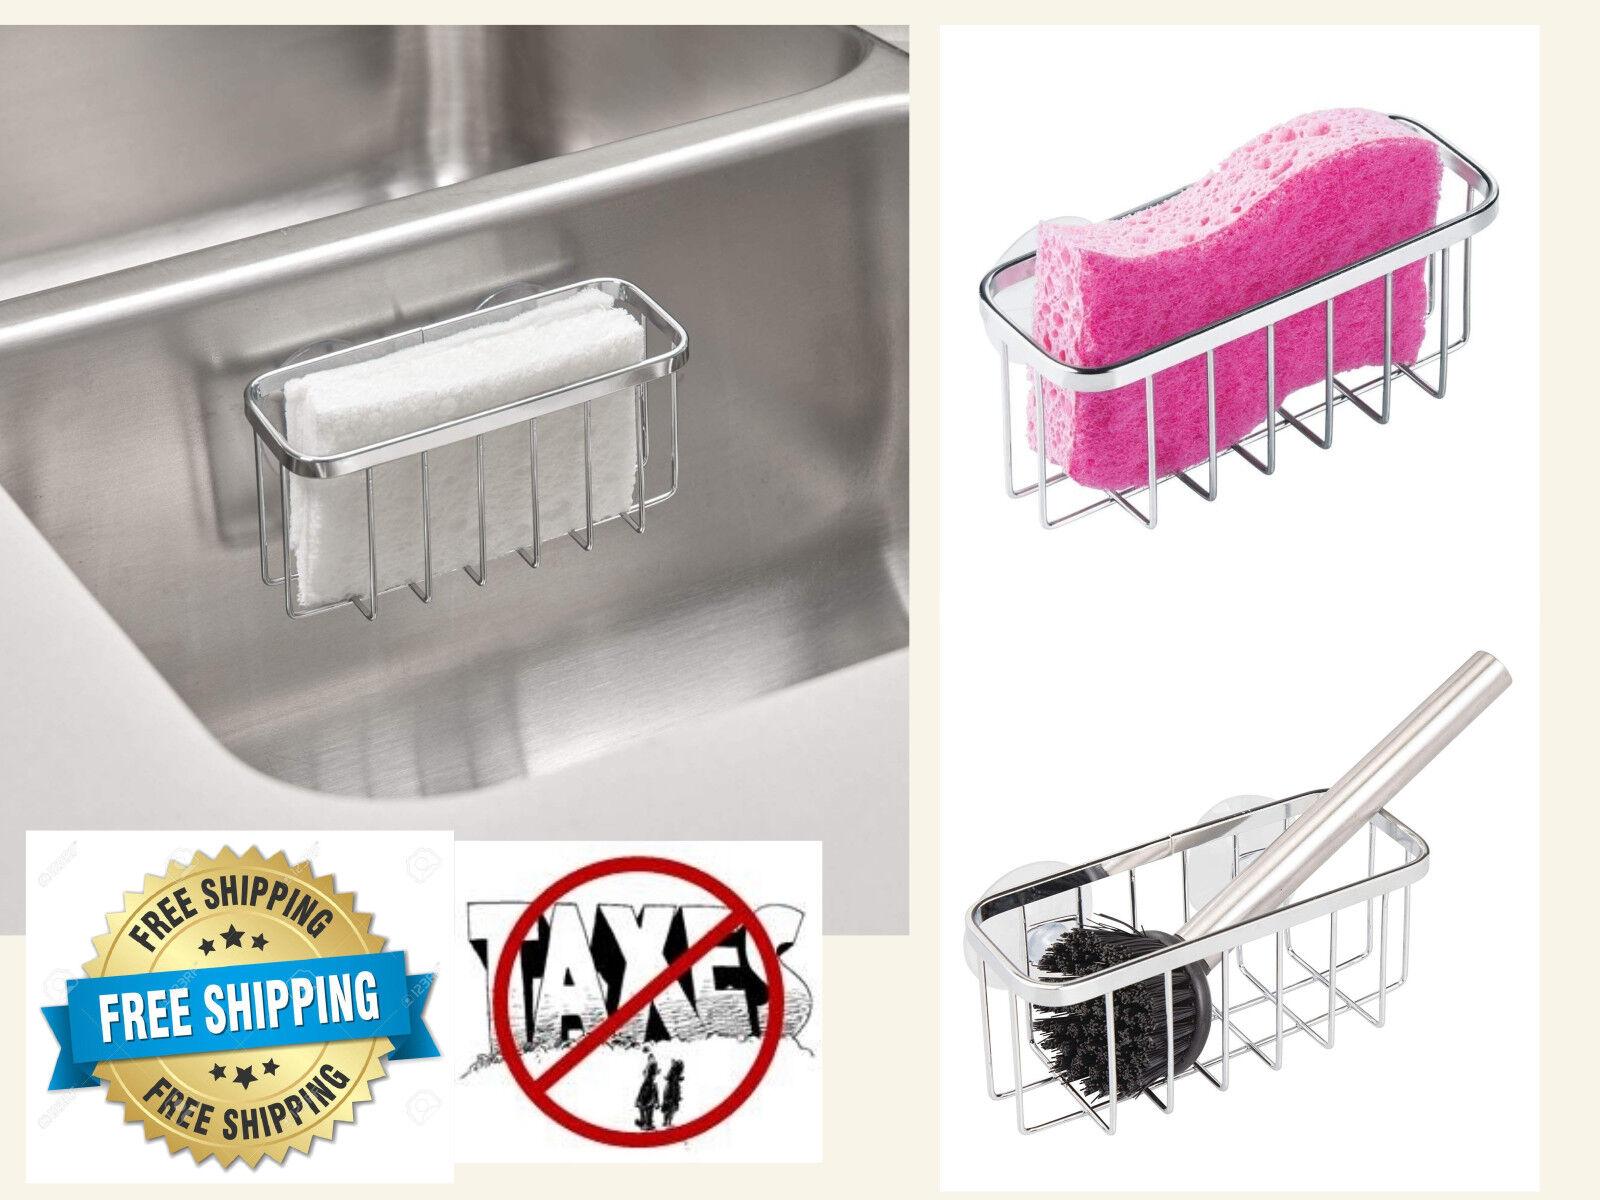 """Interdesign Suction Sink Center 18/8 Stainless Steel 5-3/4"""""""